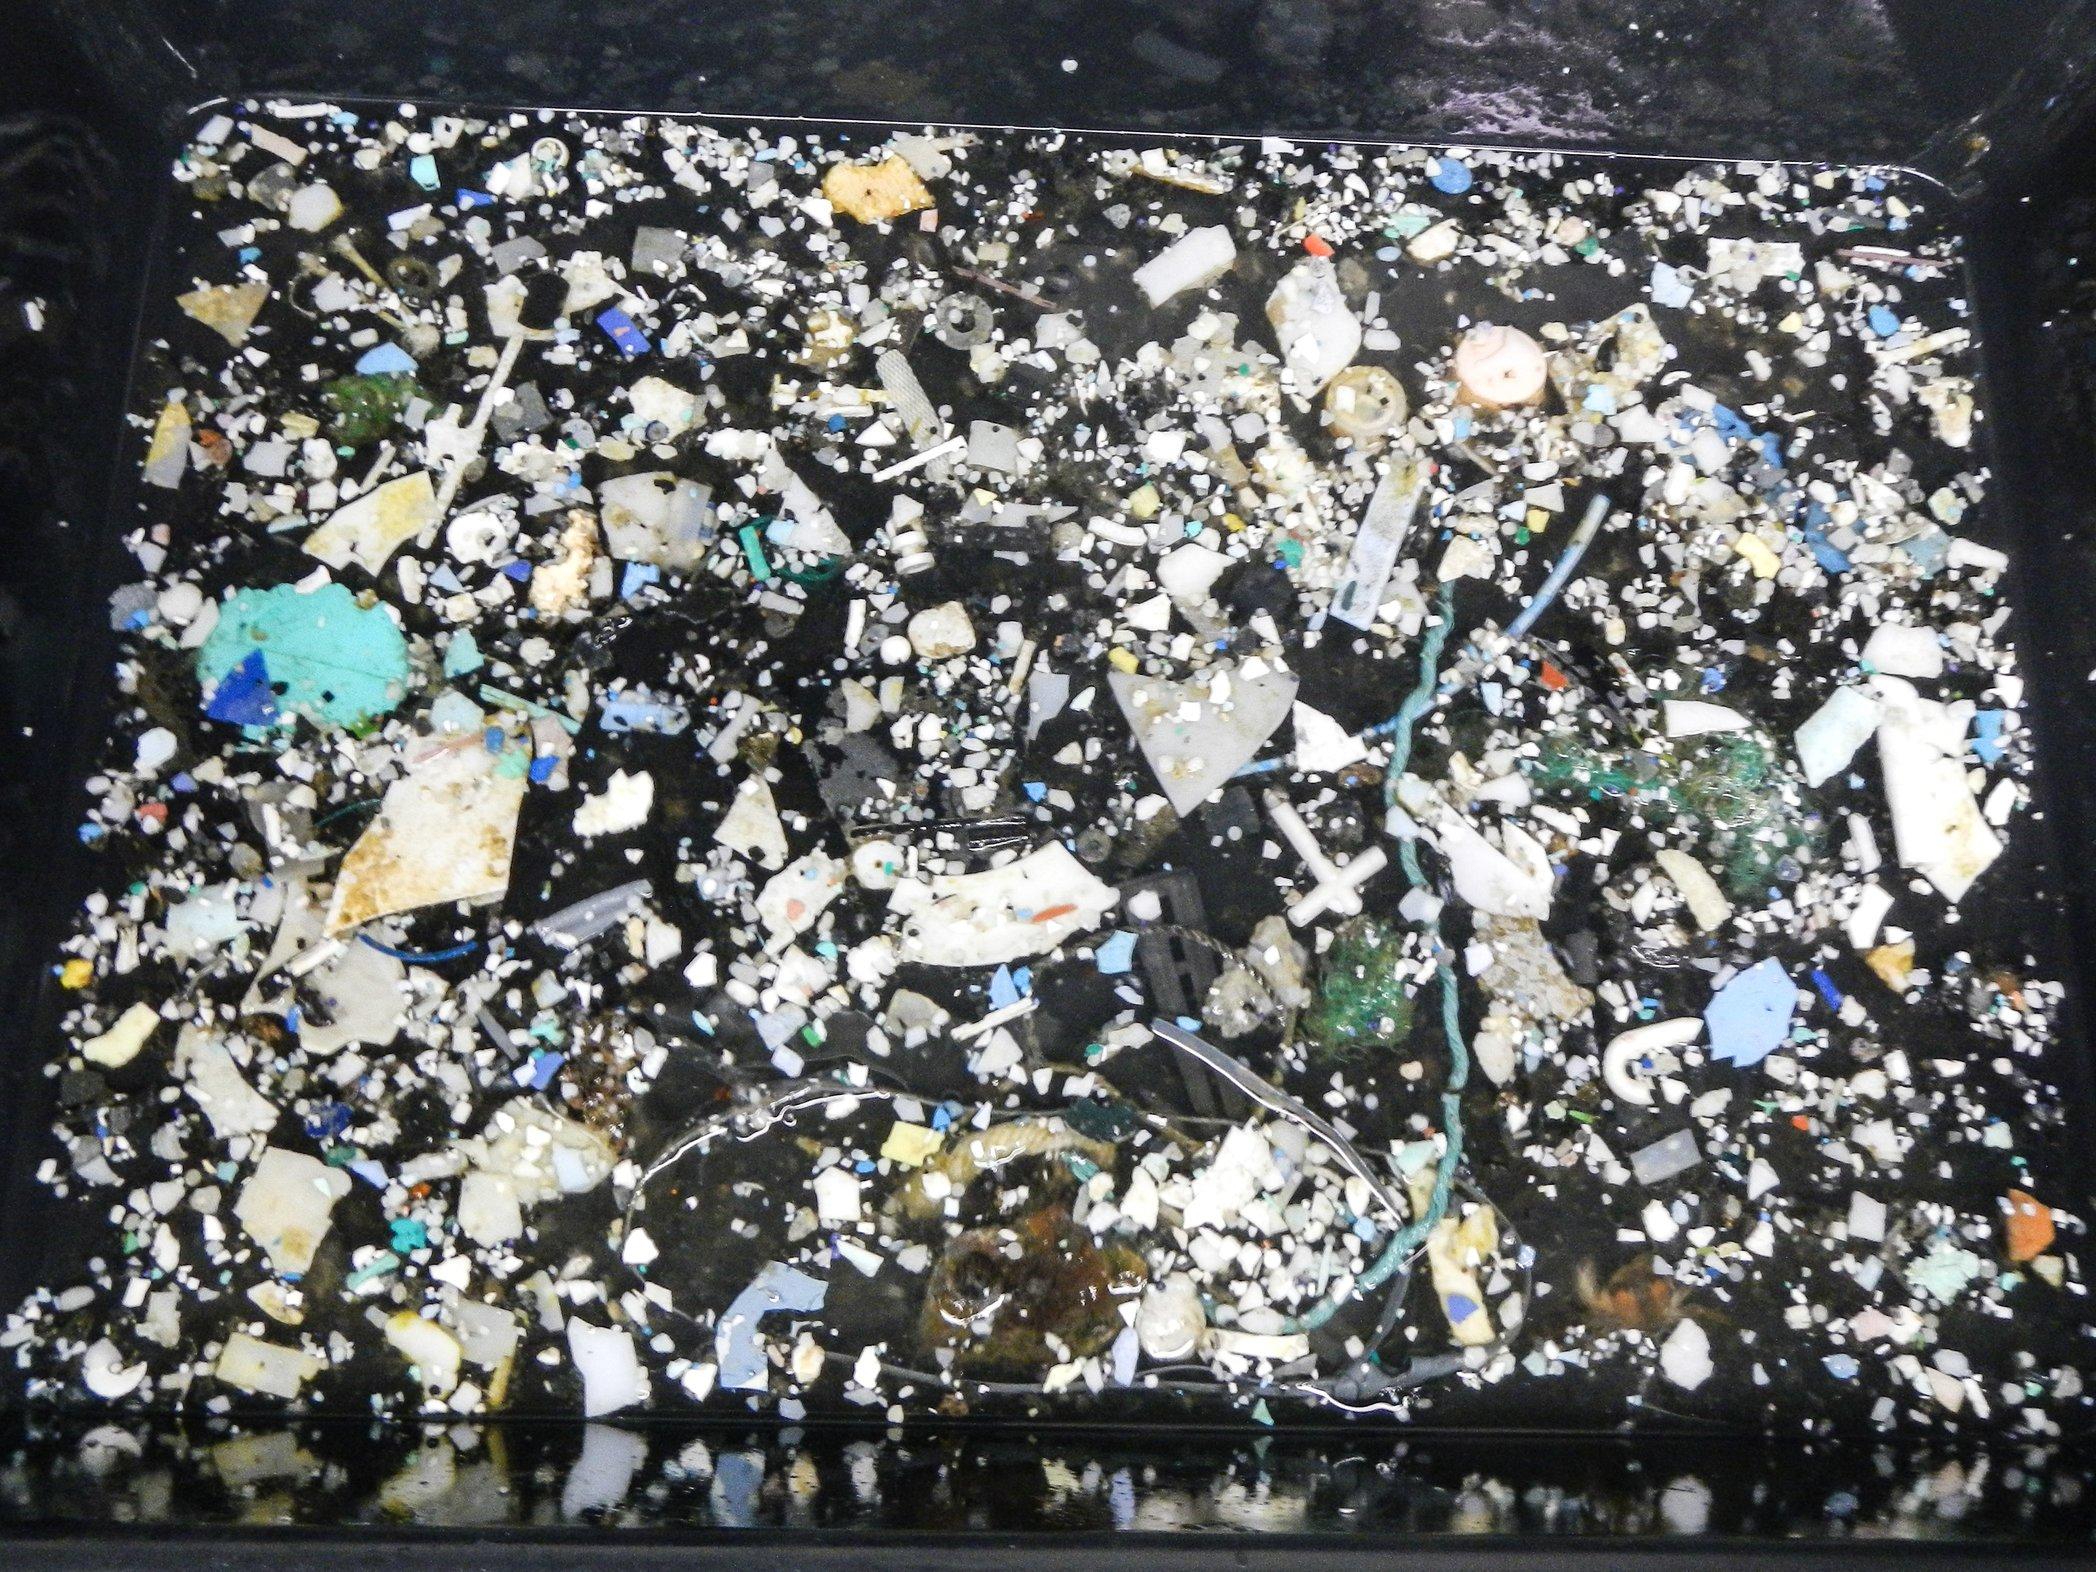 Količina otpada u svijetu do 2050. mogla bi se povećati za 70 posto